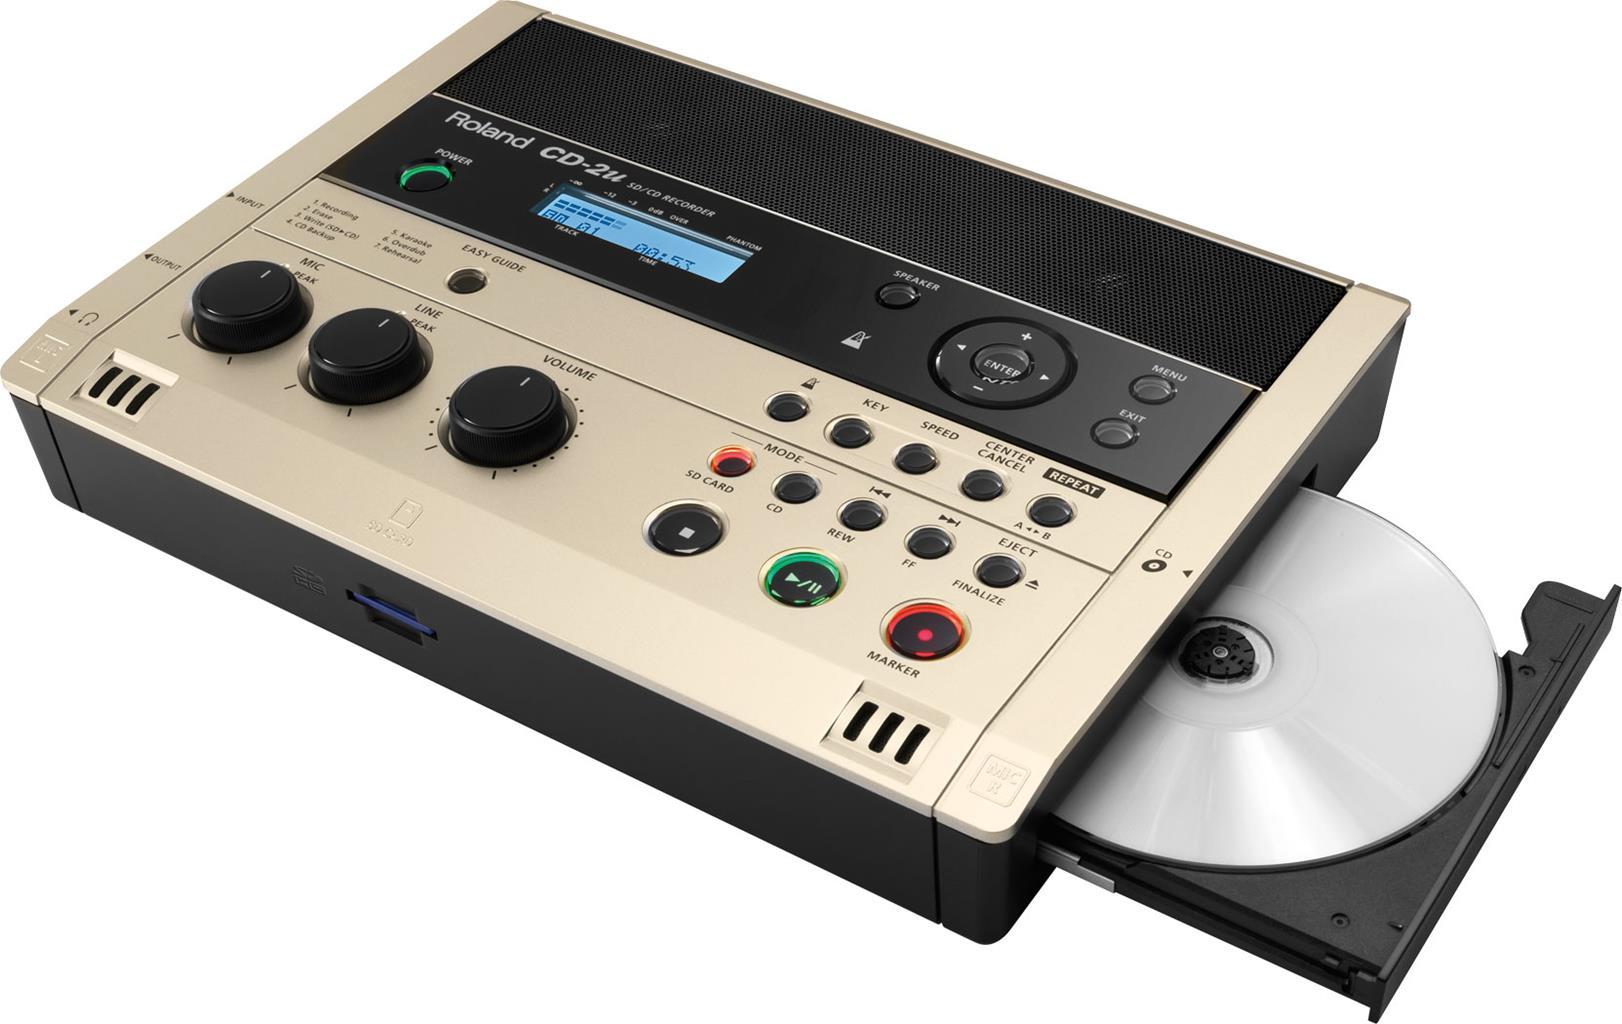 ROLAND CD-2U  - Dj Equipment Mixer Passivi